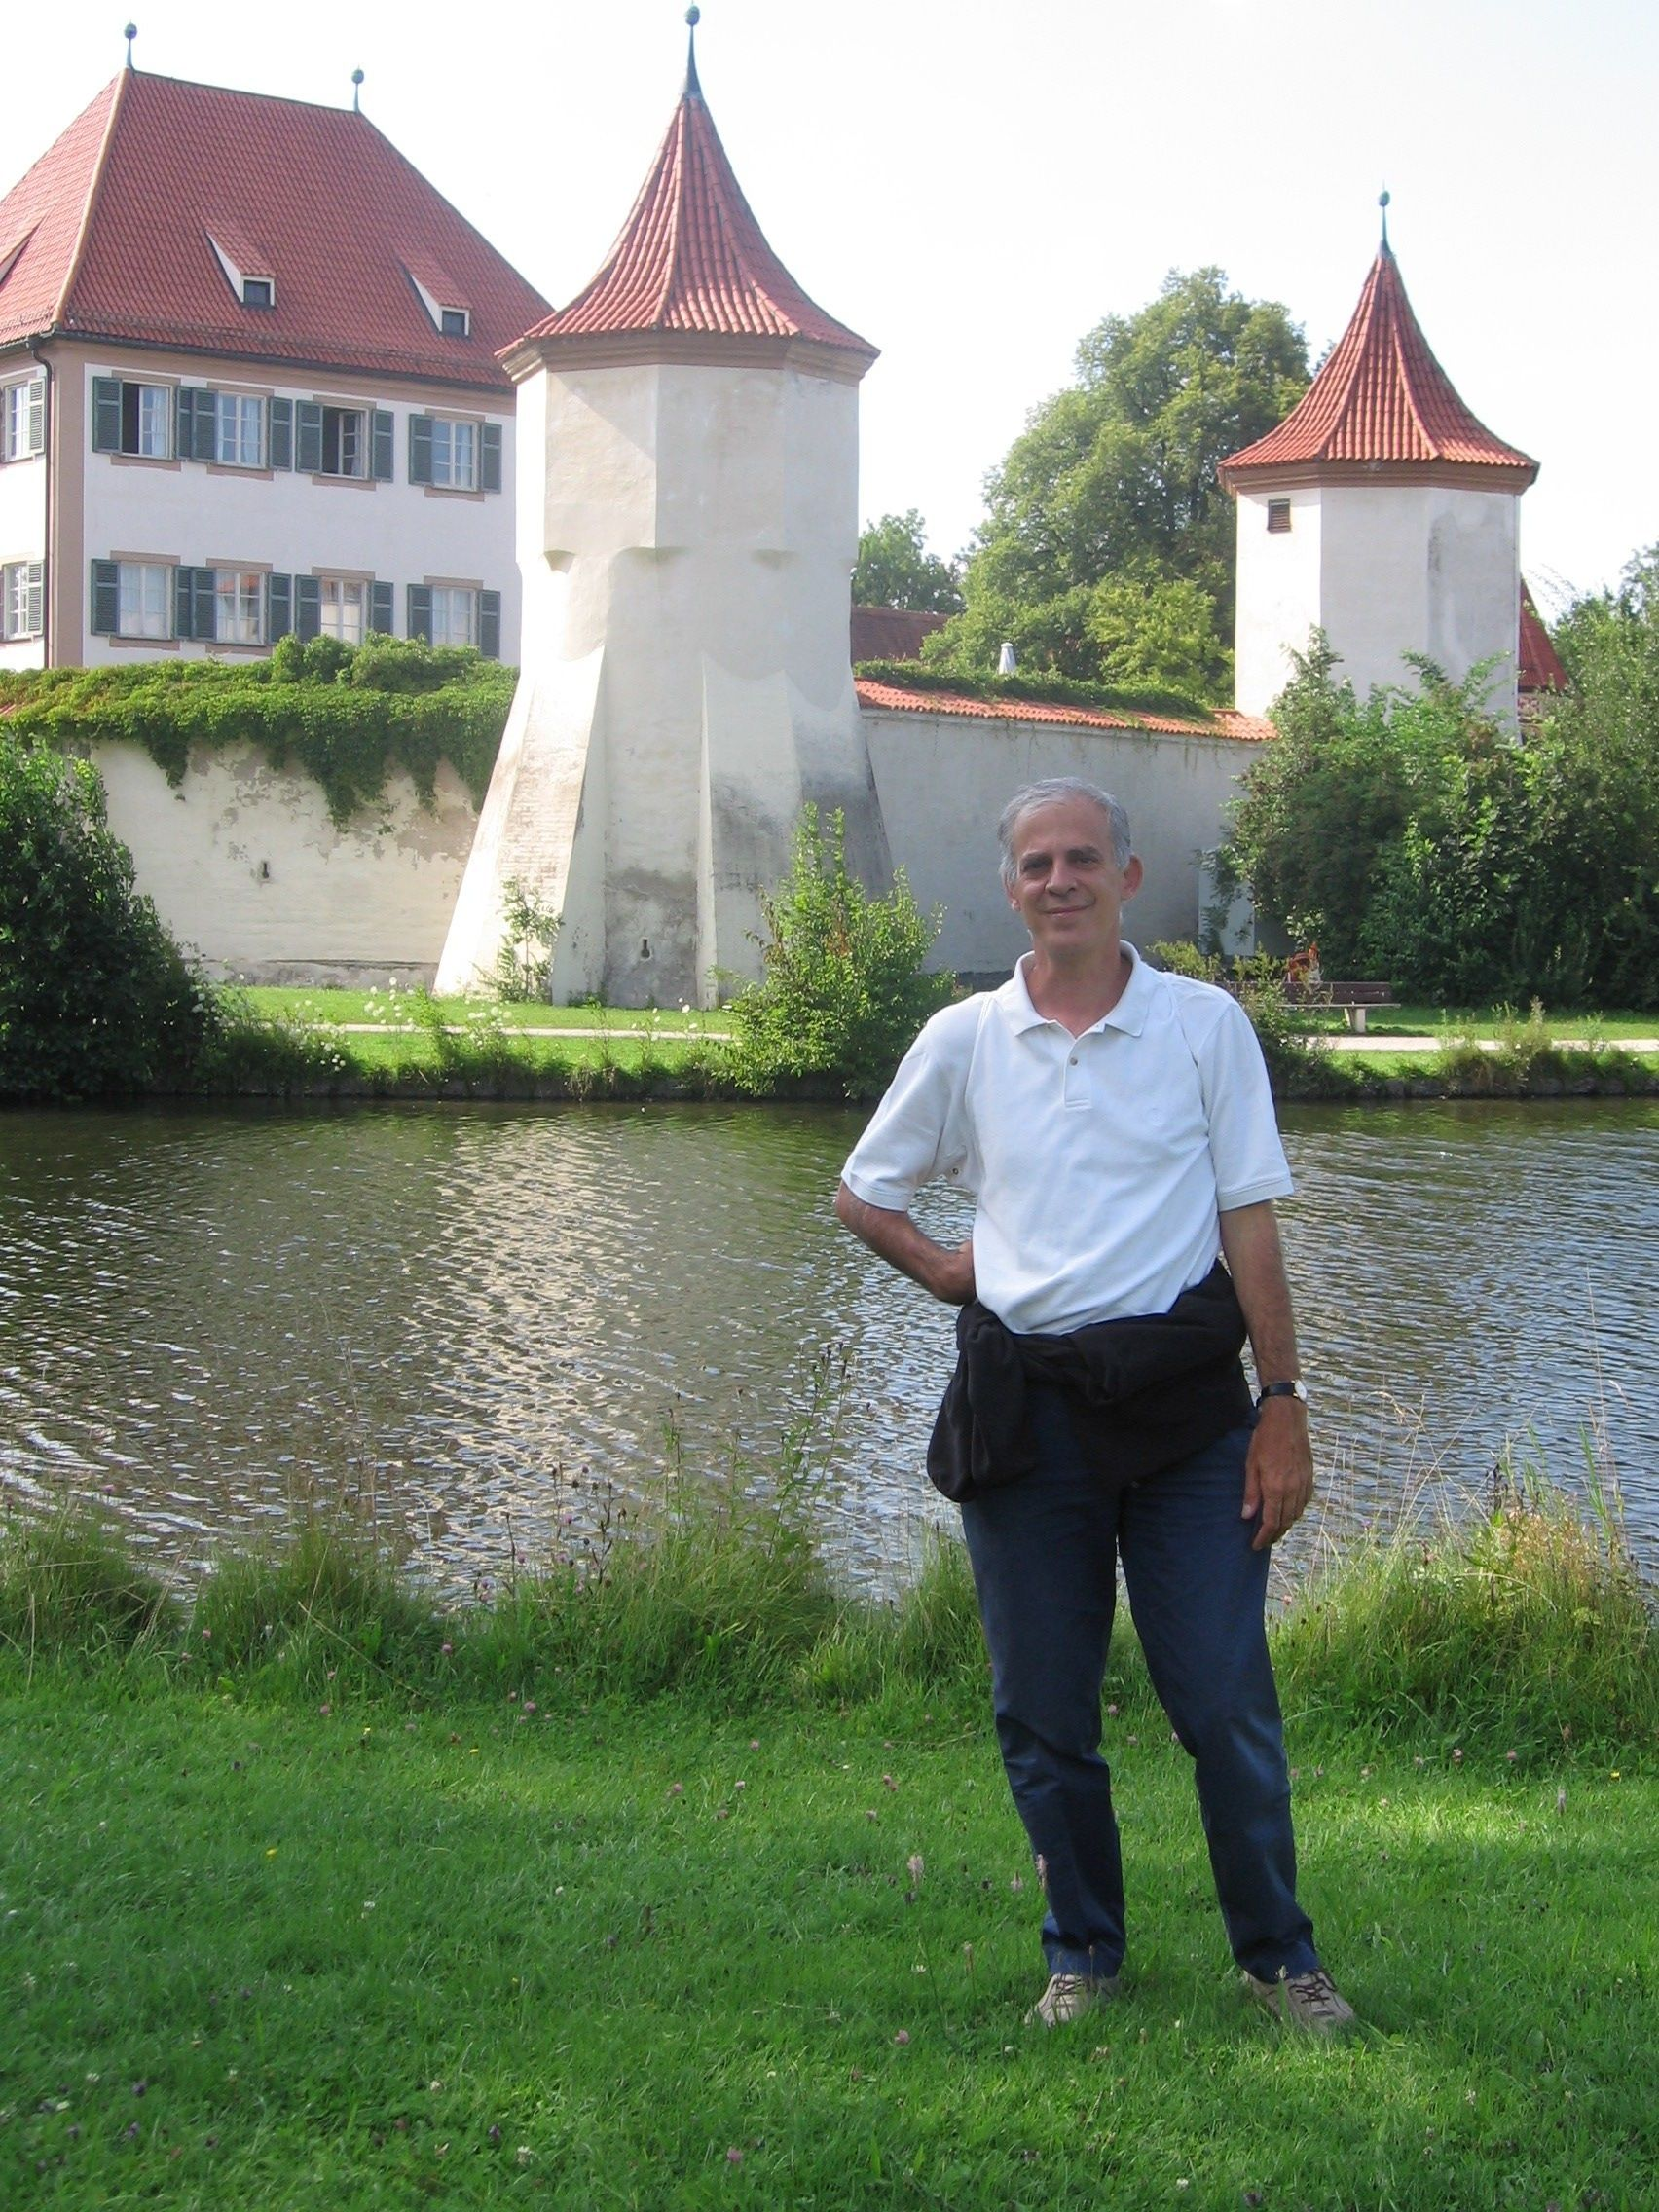 Il castello di Blutenburg a Monaco dove è conservata la biblioteca personale di Michael Ende